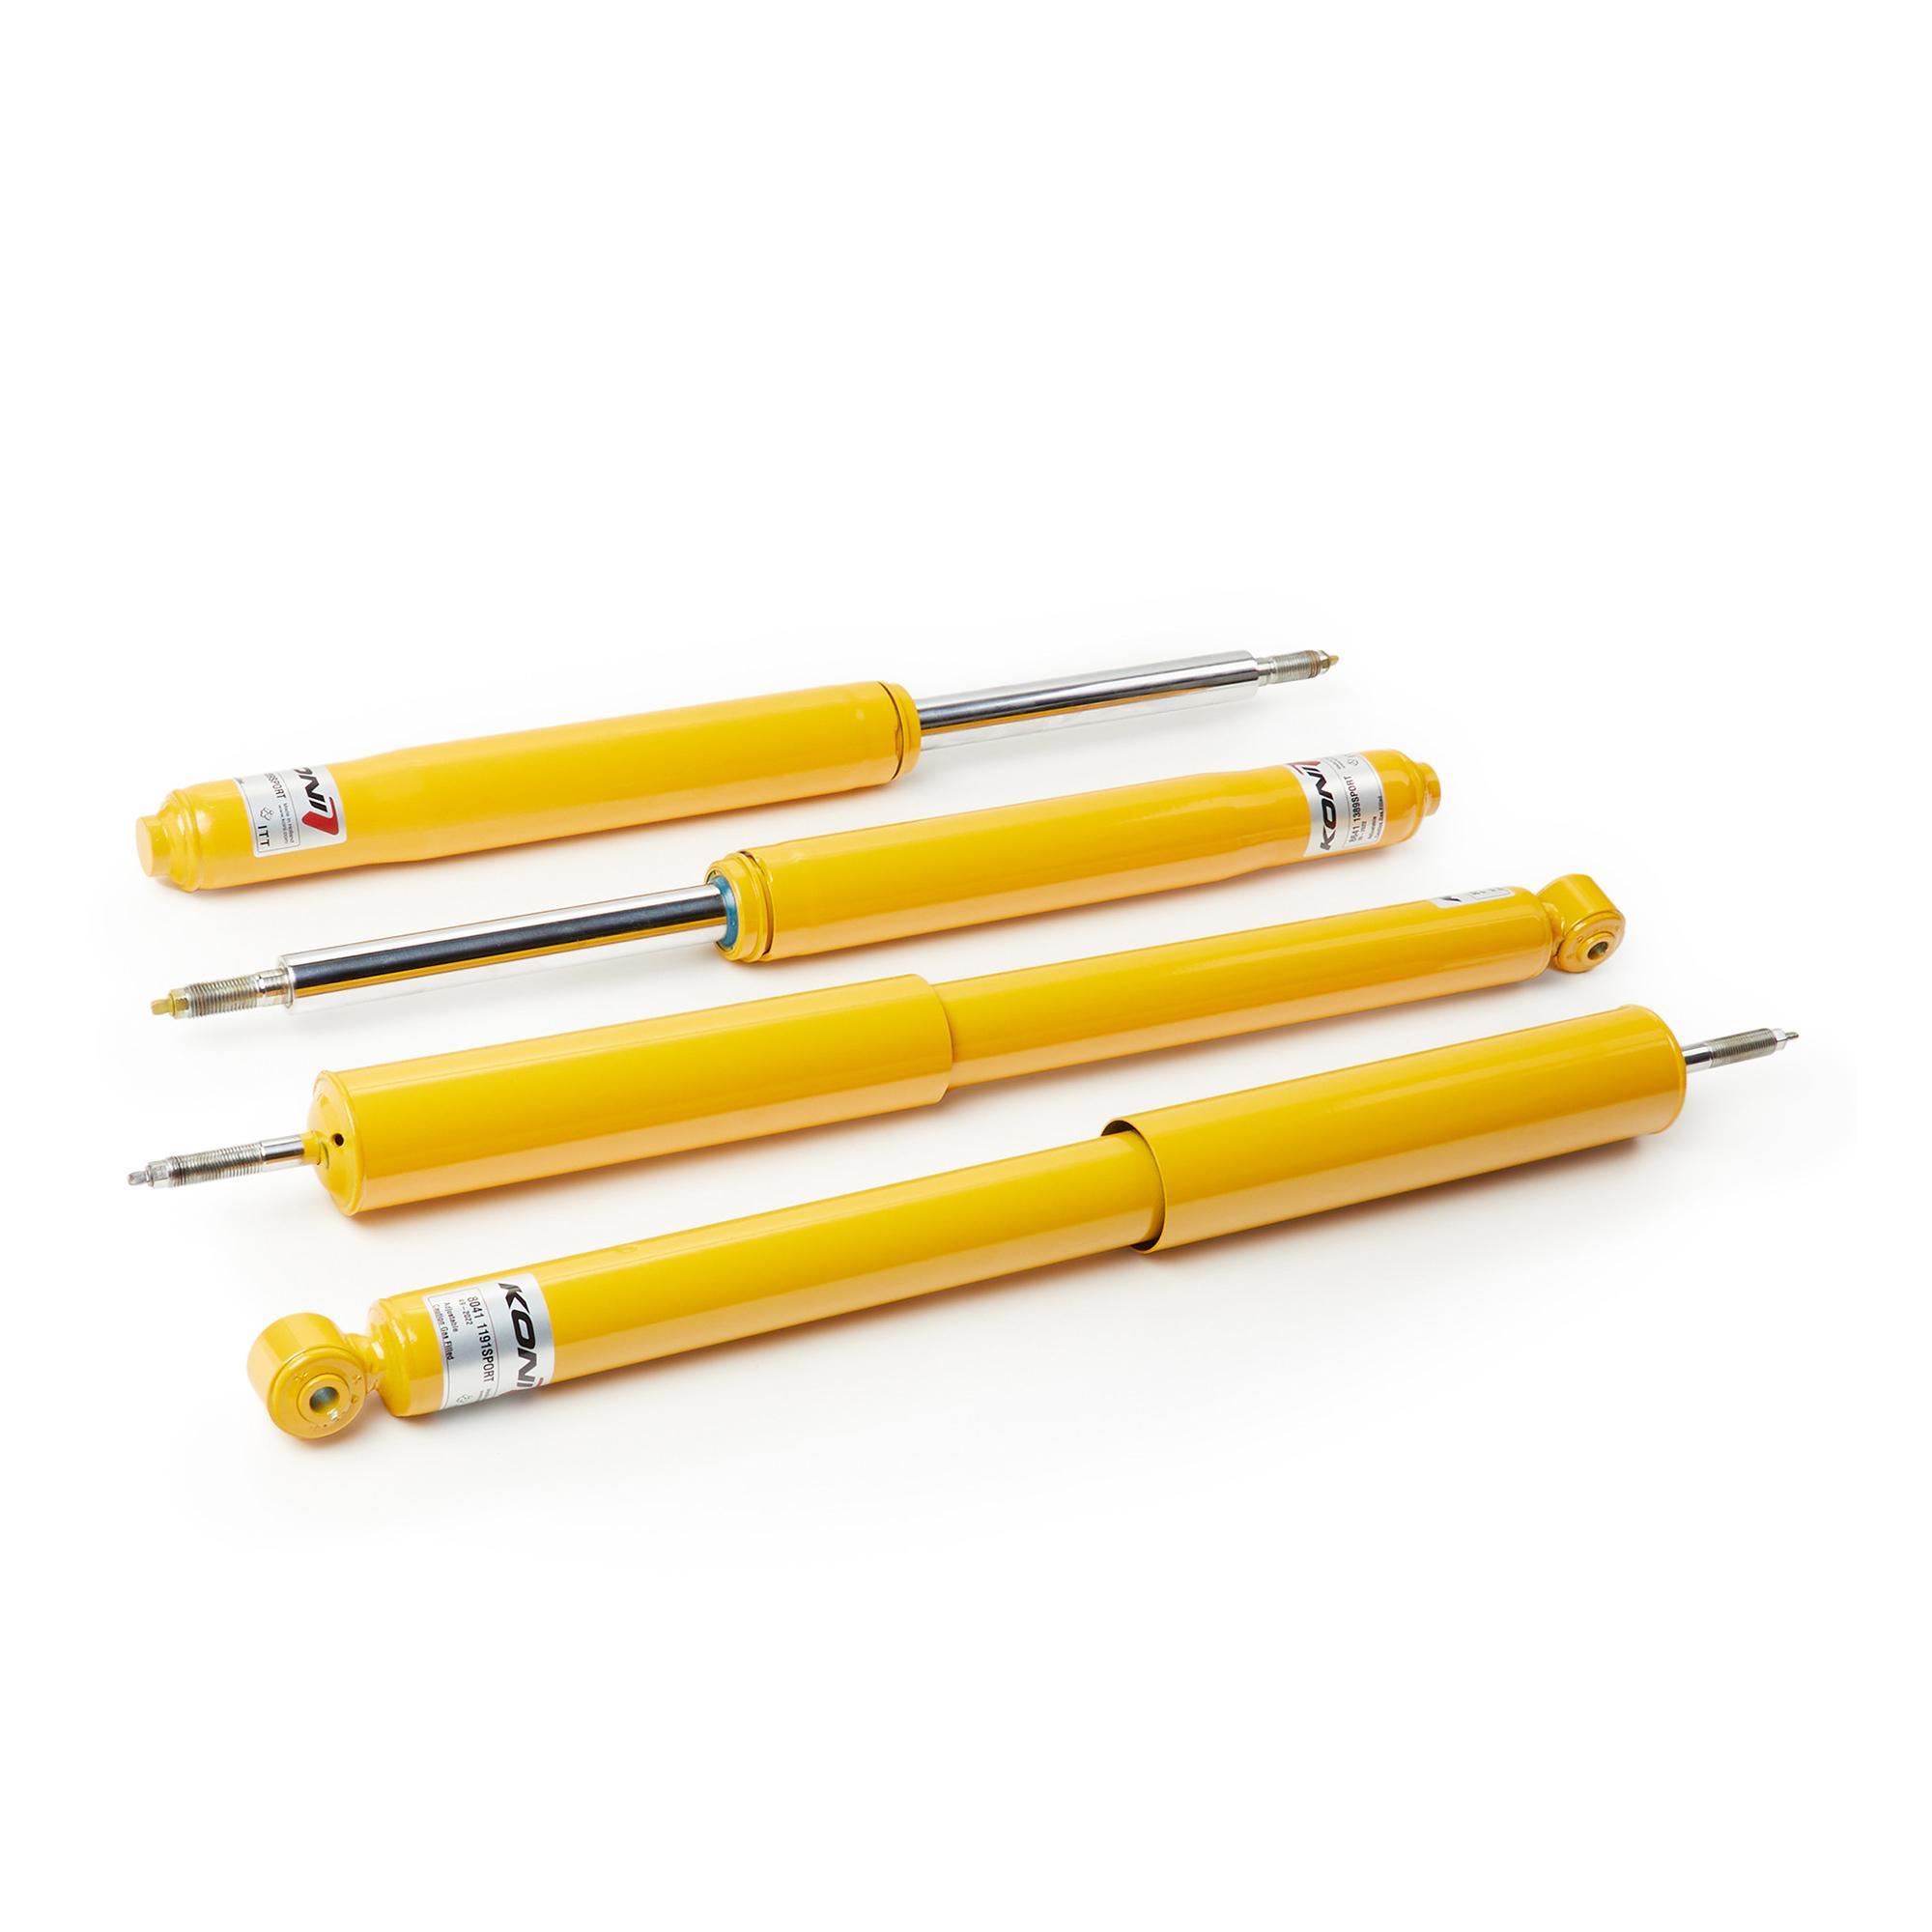 Original KIA Fahrwerkssatz, Federn / Dämpfer 1140-4951